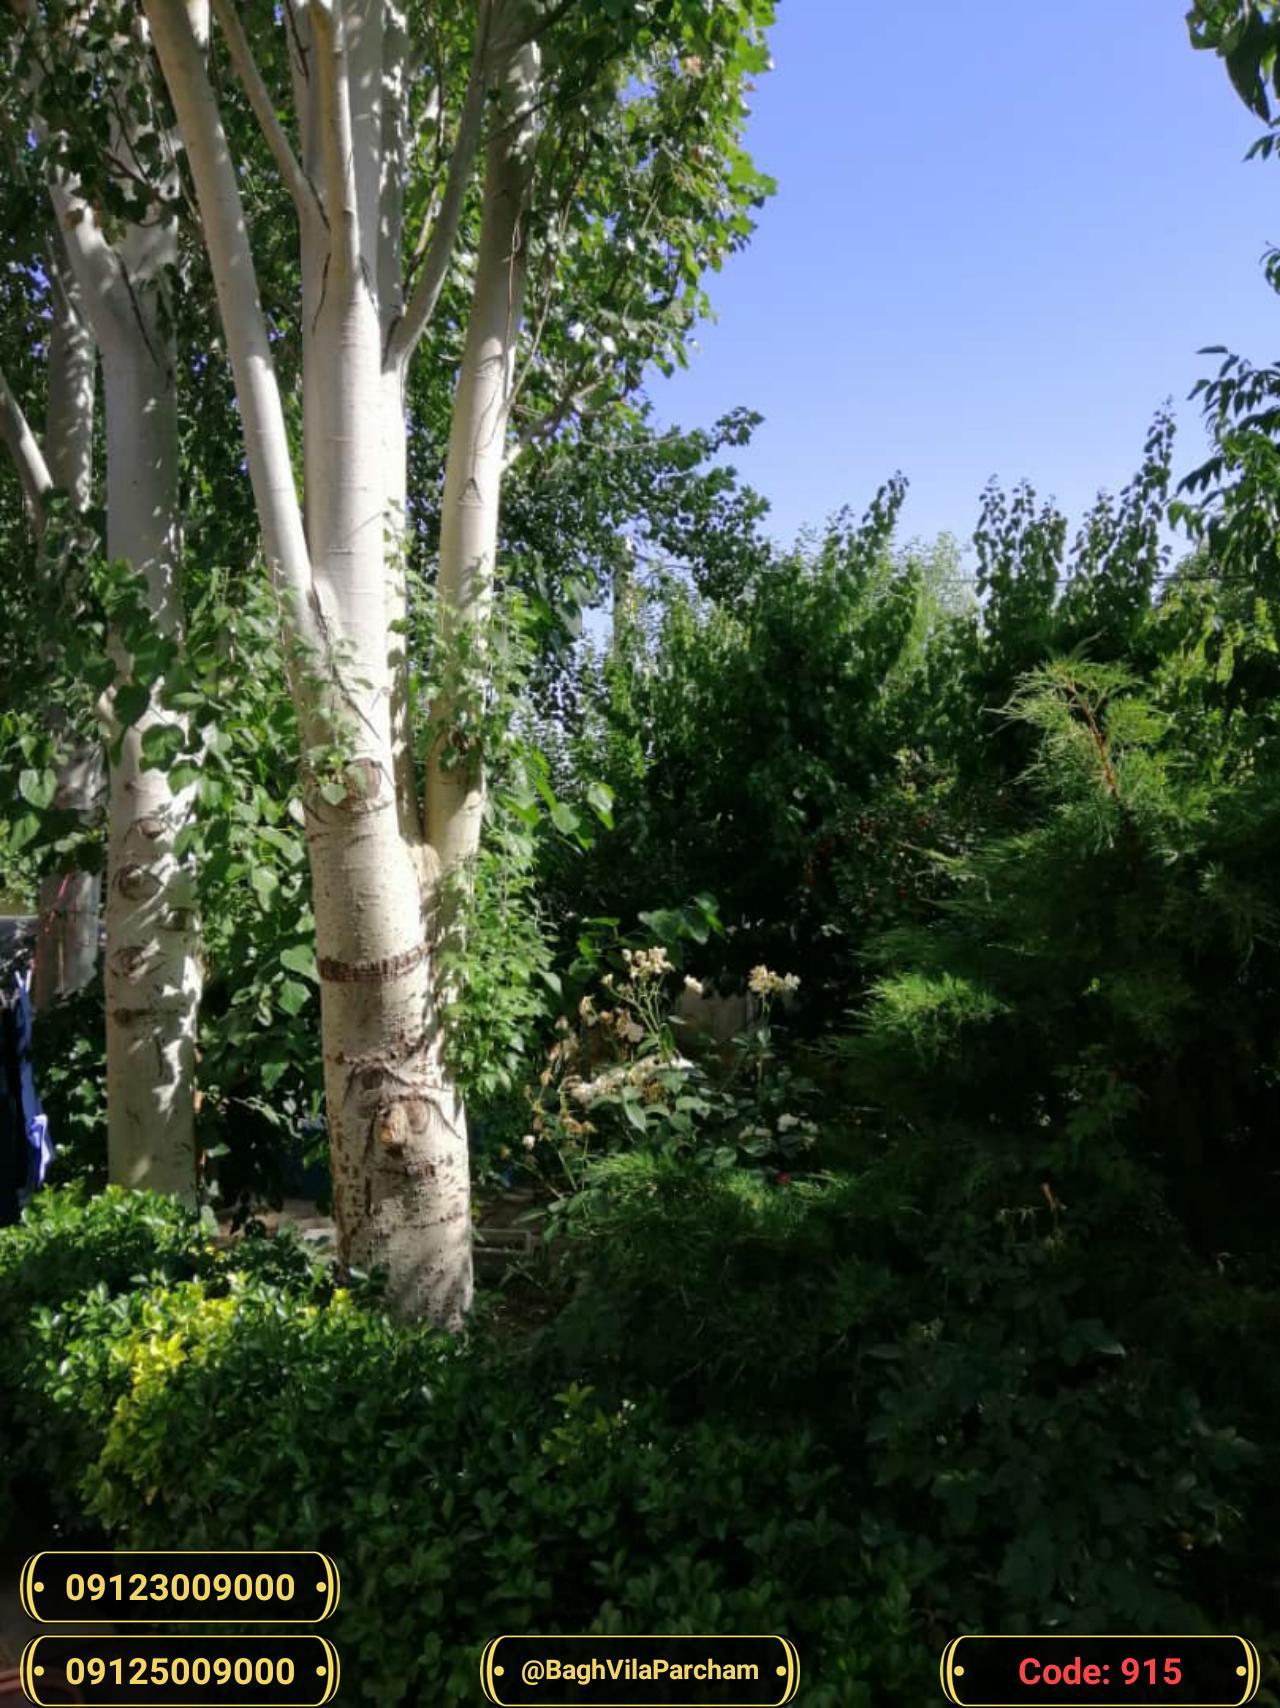 تصویر عکس باغ ویلا شماره 34 از ویلای ۵۶۵۰ متر ویلا کلاسیک تریبلکس Picture photo image 34 of ۵۶۵۰ متر ویلا کلاسیک تریبلکس